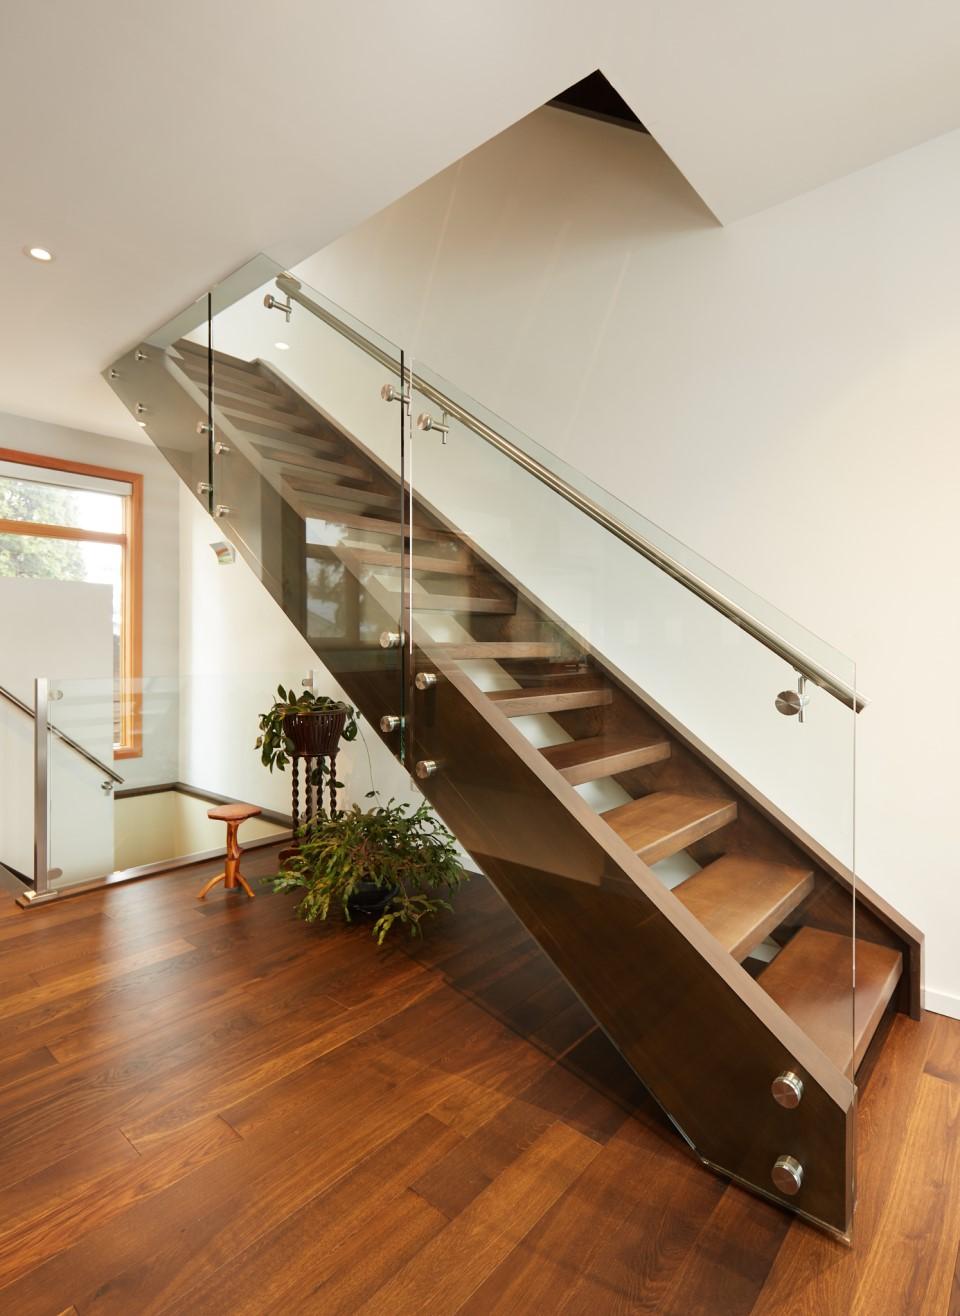 mẫu cầu thang dựa sát tường giúp tối ưu không gian